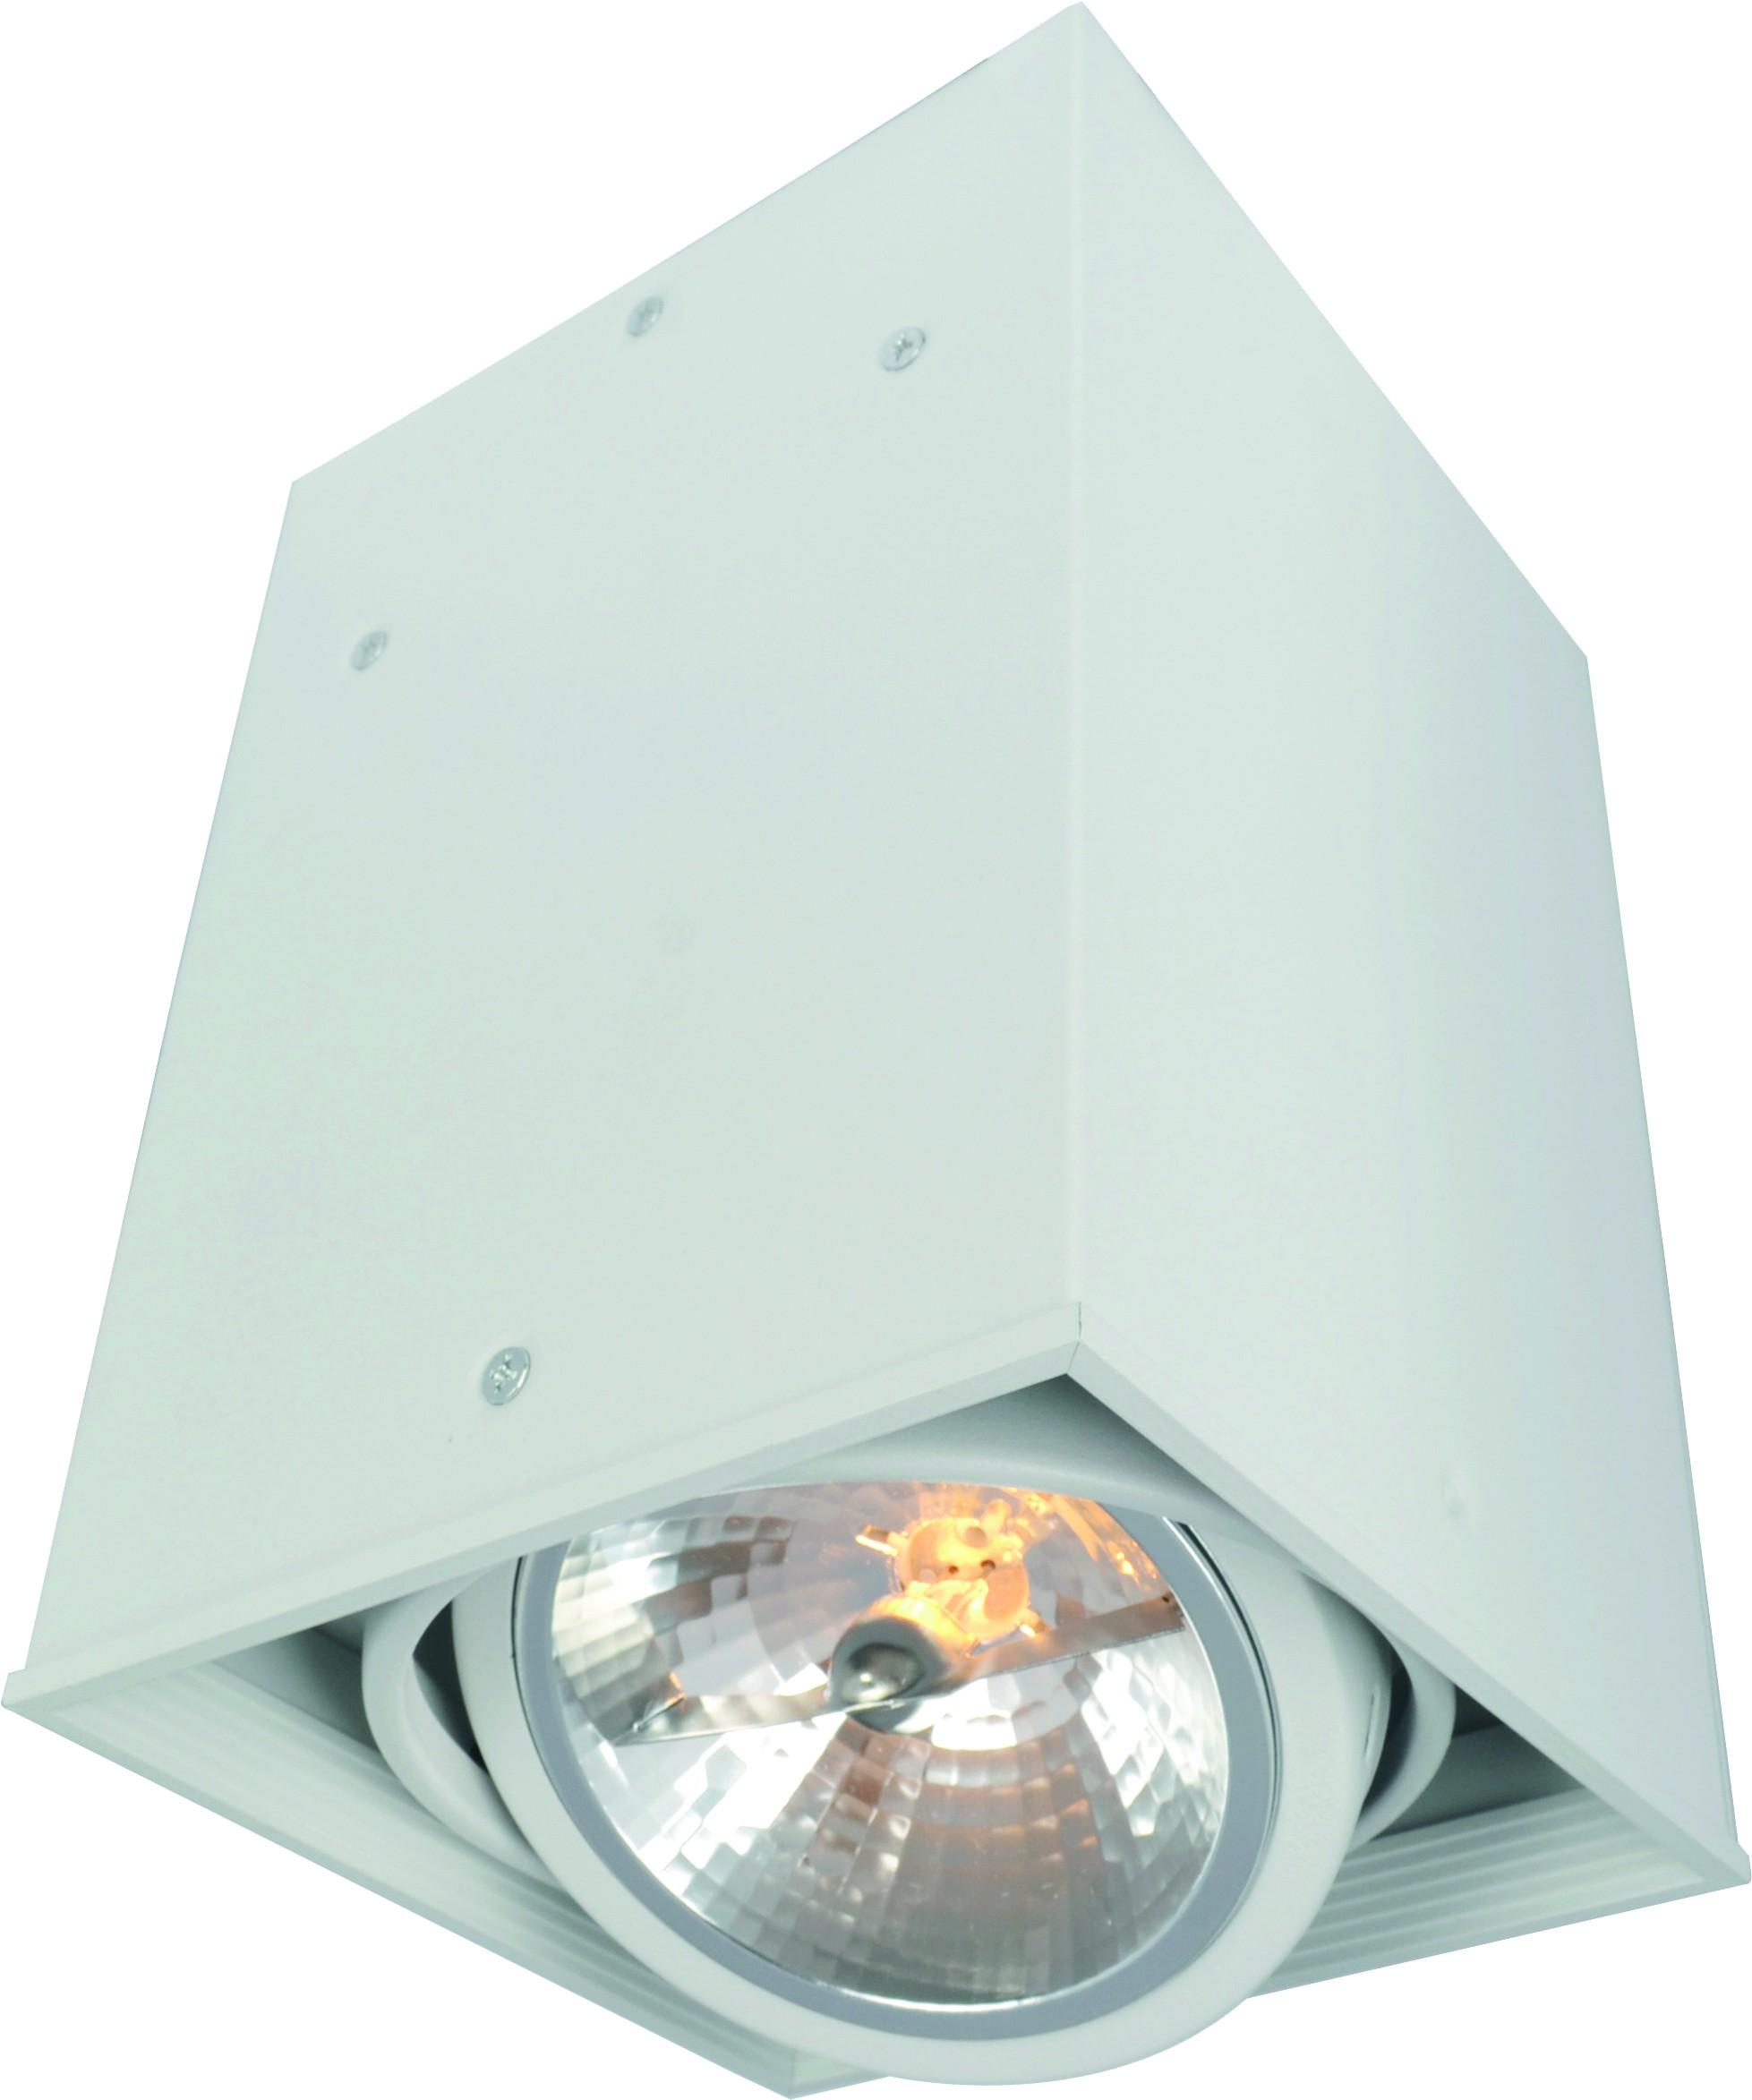 Светильник встраиваемый Arte lamp A5936pl-1wh встраиваемый светильник arte lamp cielo a7314pl 1wh